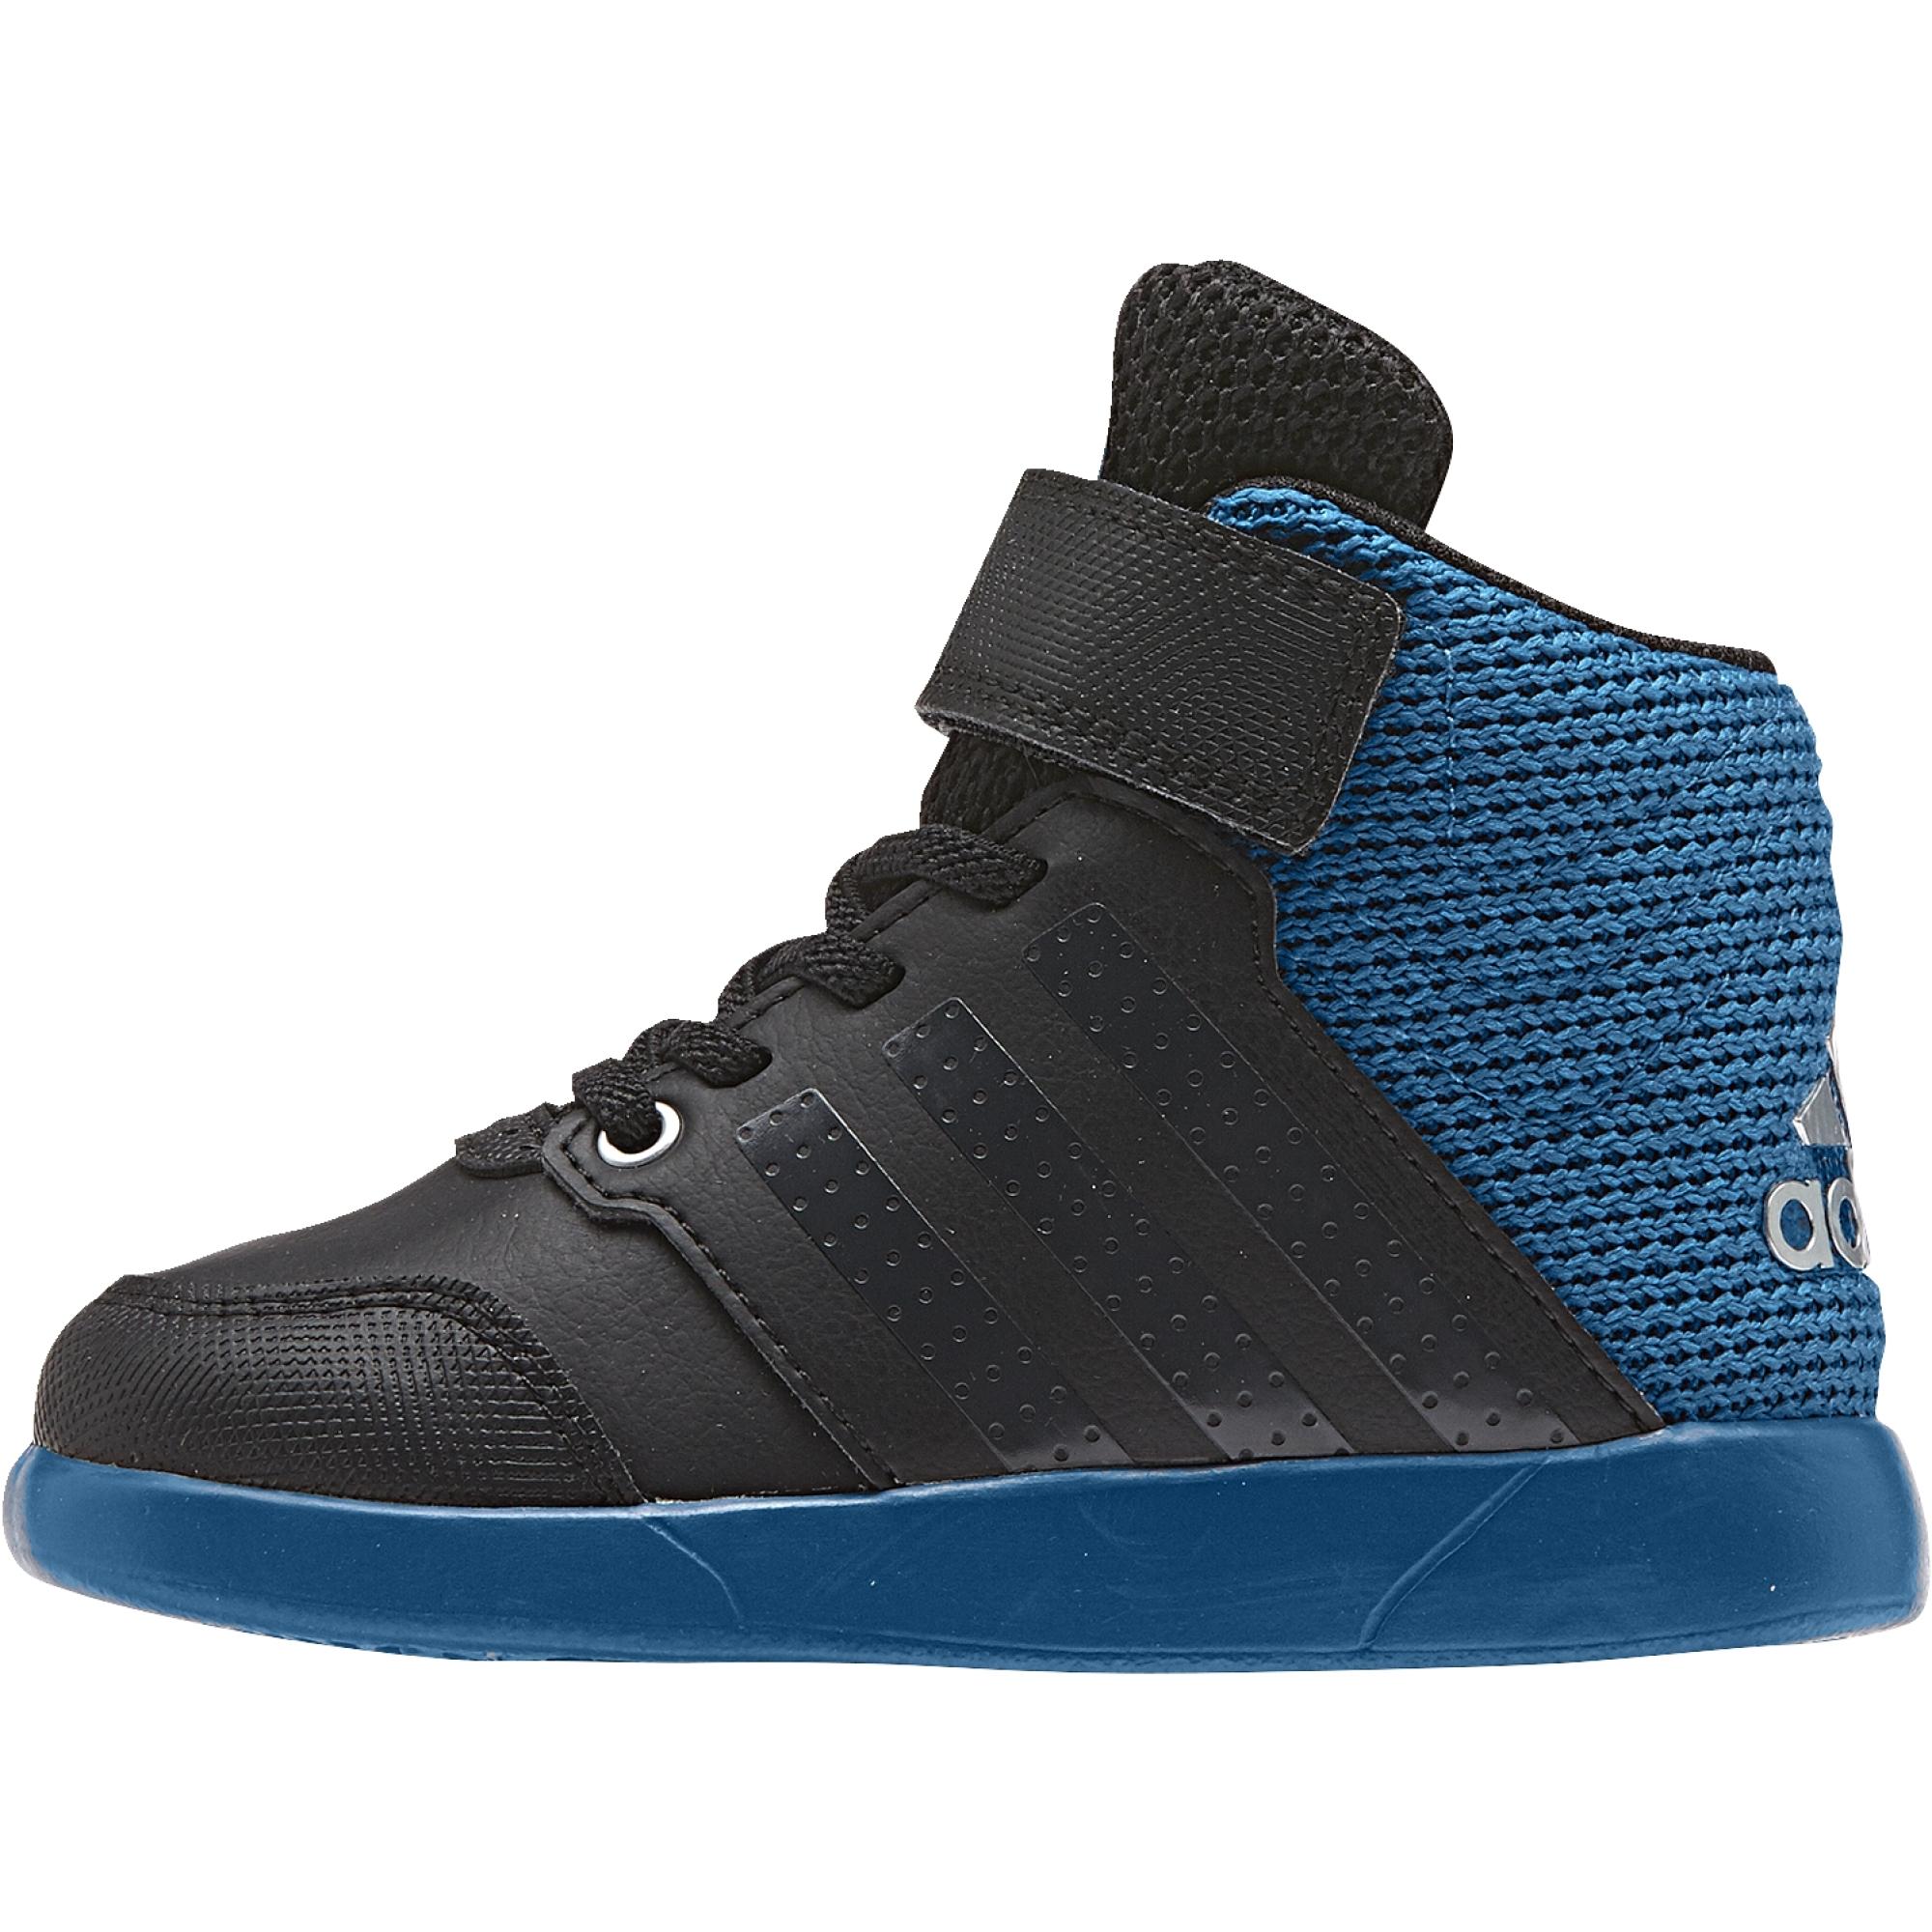 low cost 1202b c75e5 Adidas Jan BS 2 Mid I (black blue)